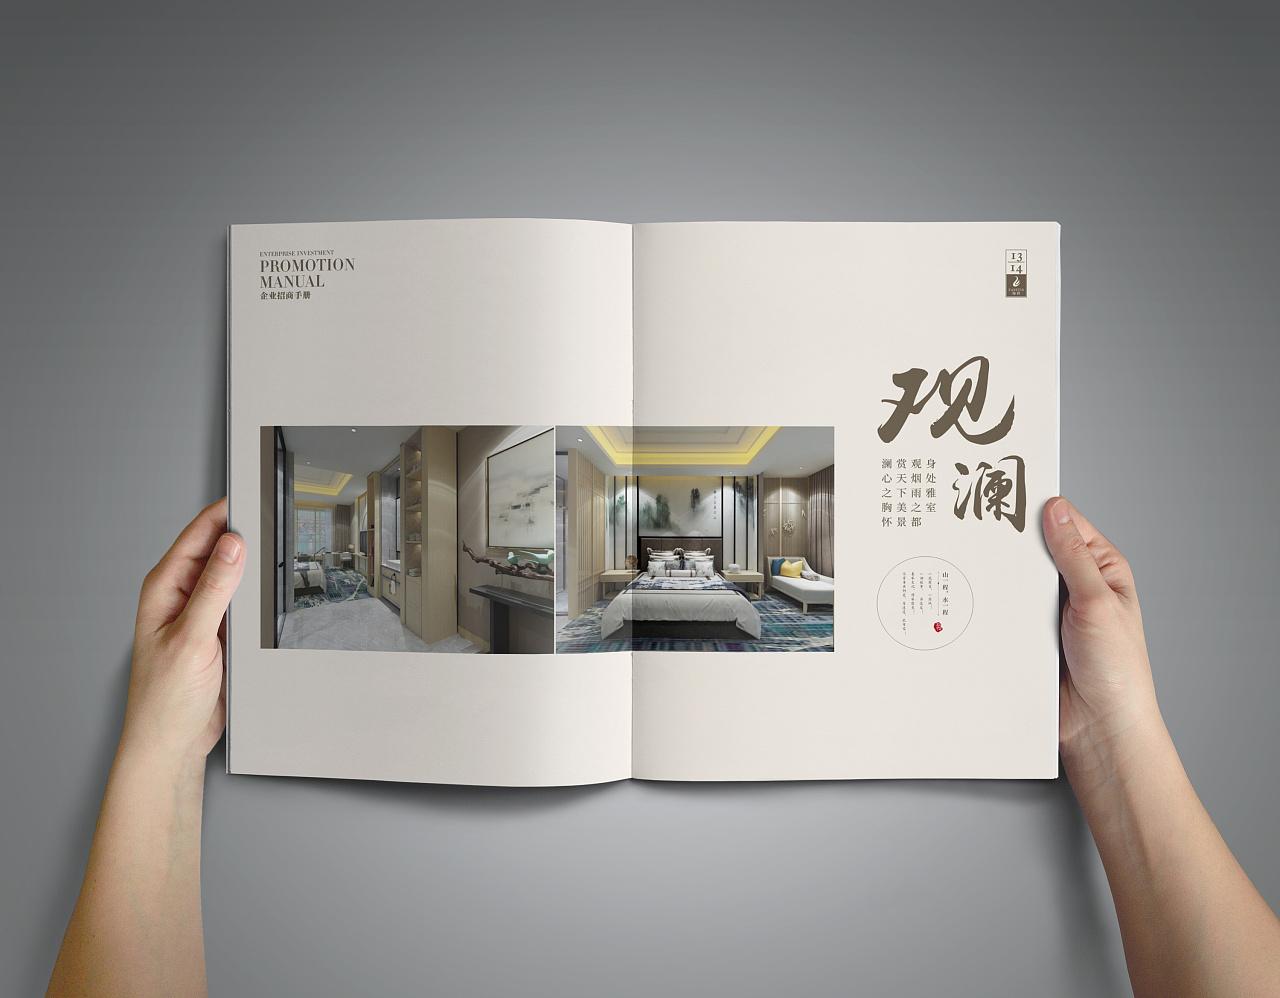 逸庭全国连锁酒店中式酒店招商手册 画册设计|平面|书图片